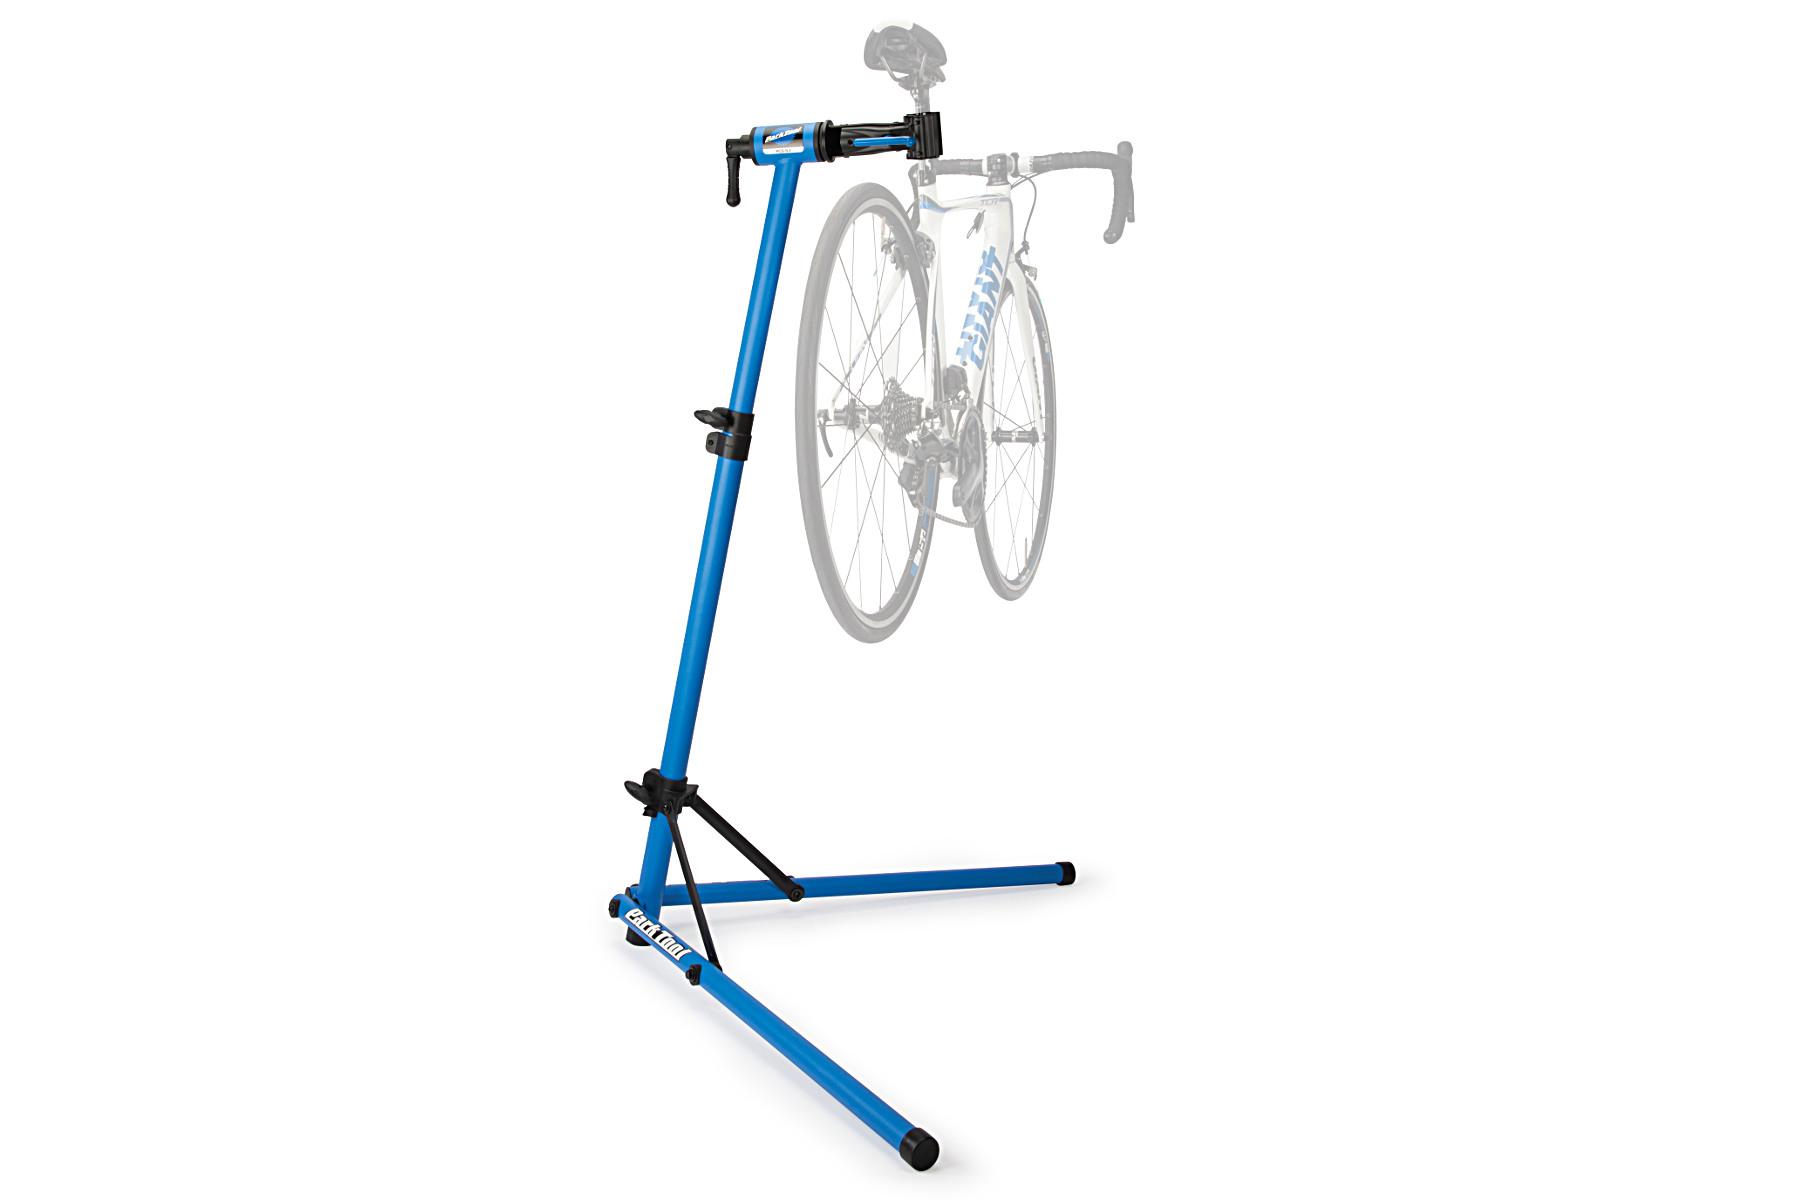 Park Tool PCS-9.2 Fahrrad Montageständer